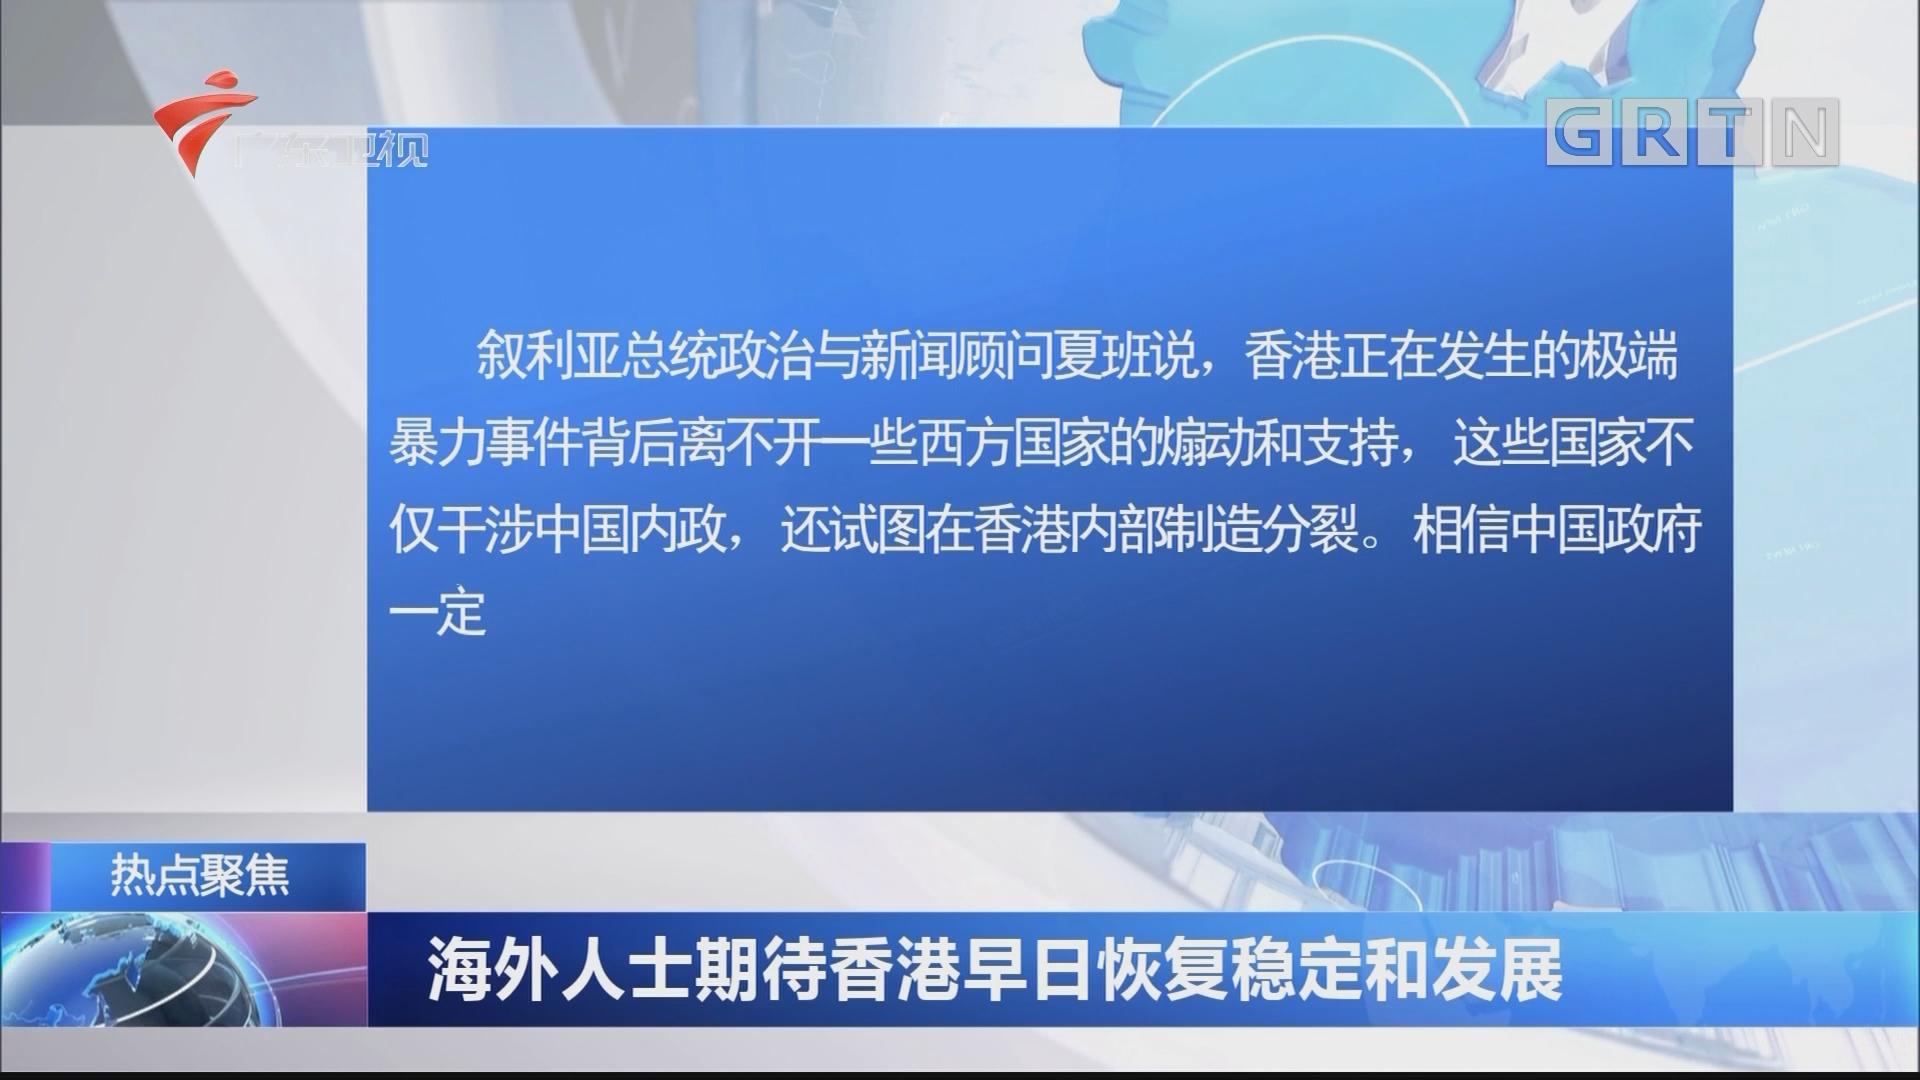 海外人士期待香港早日恢复稳定和发展